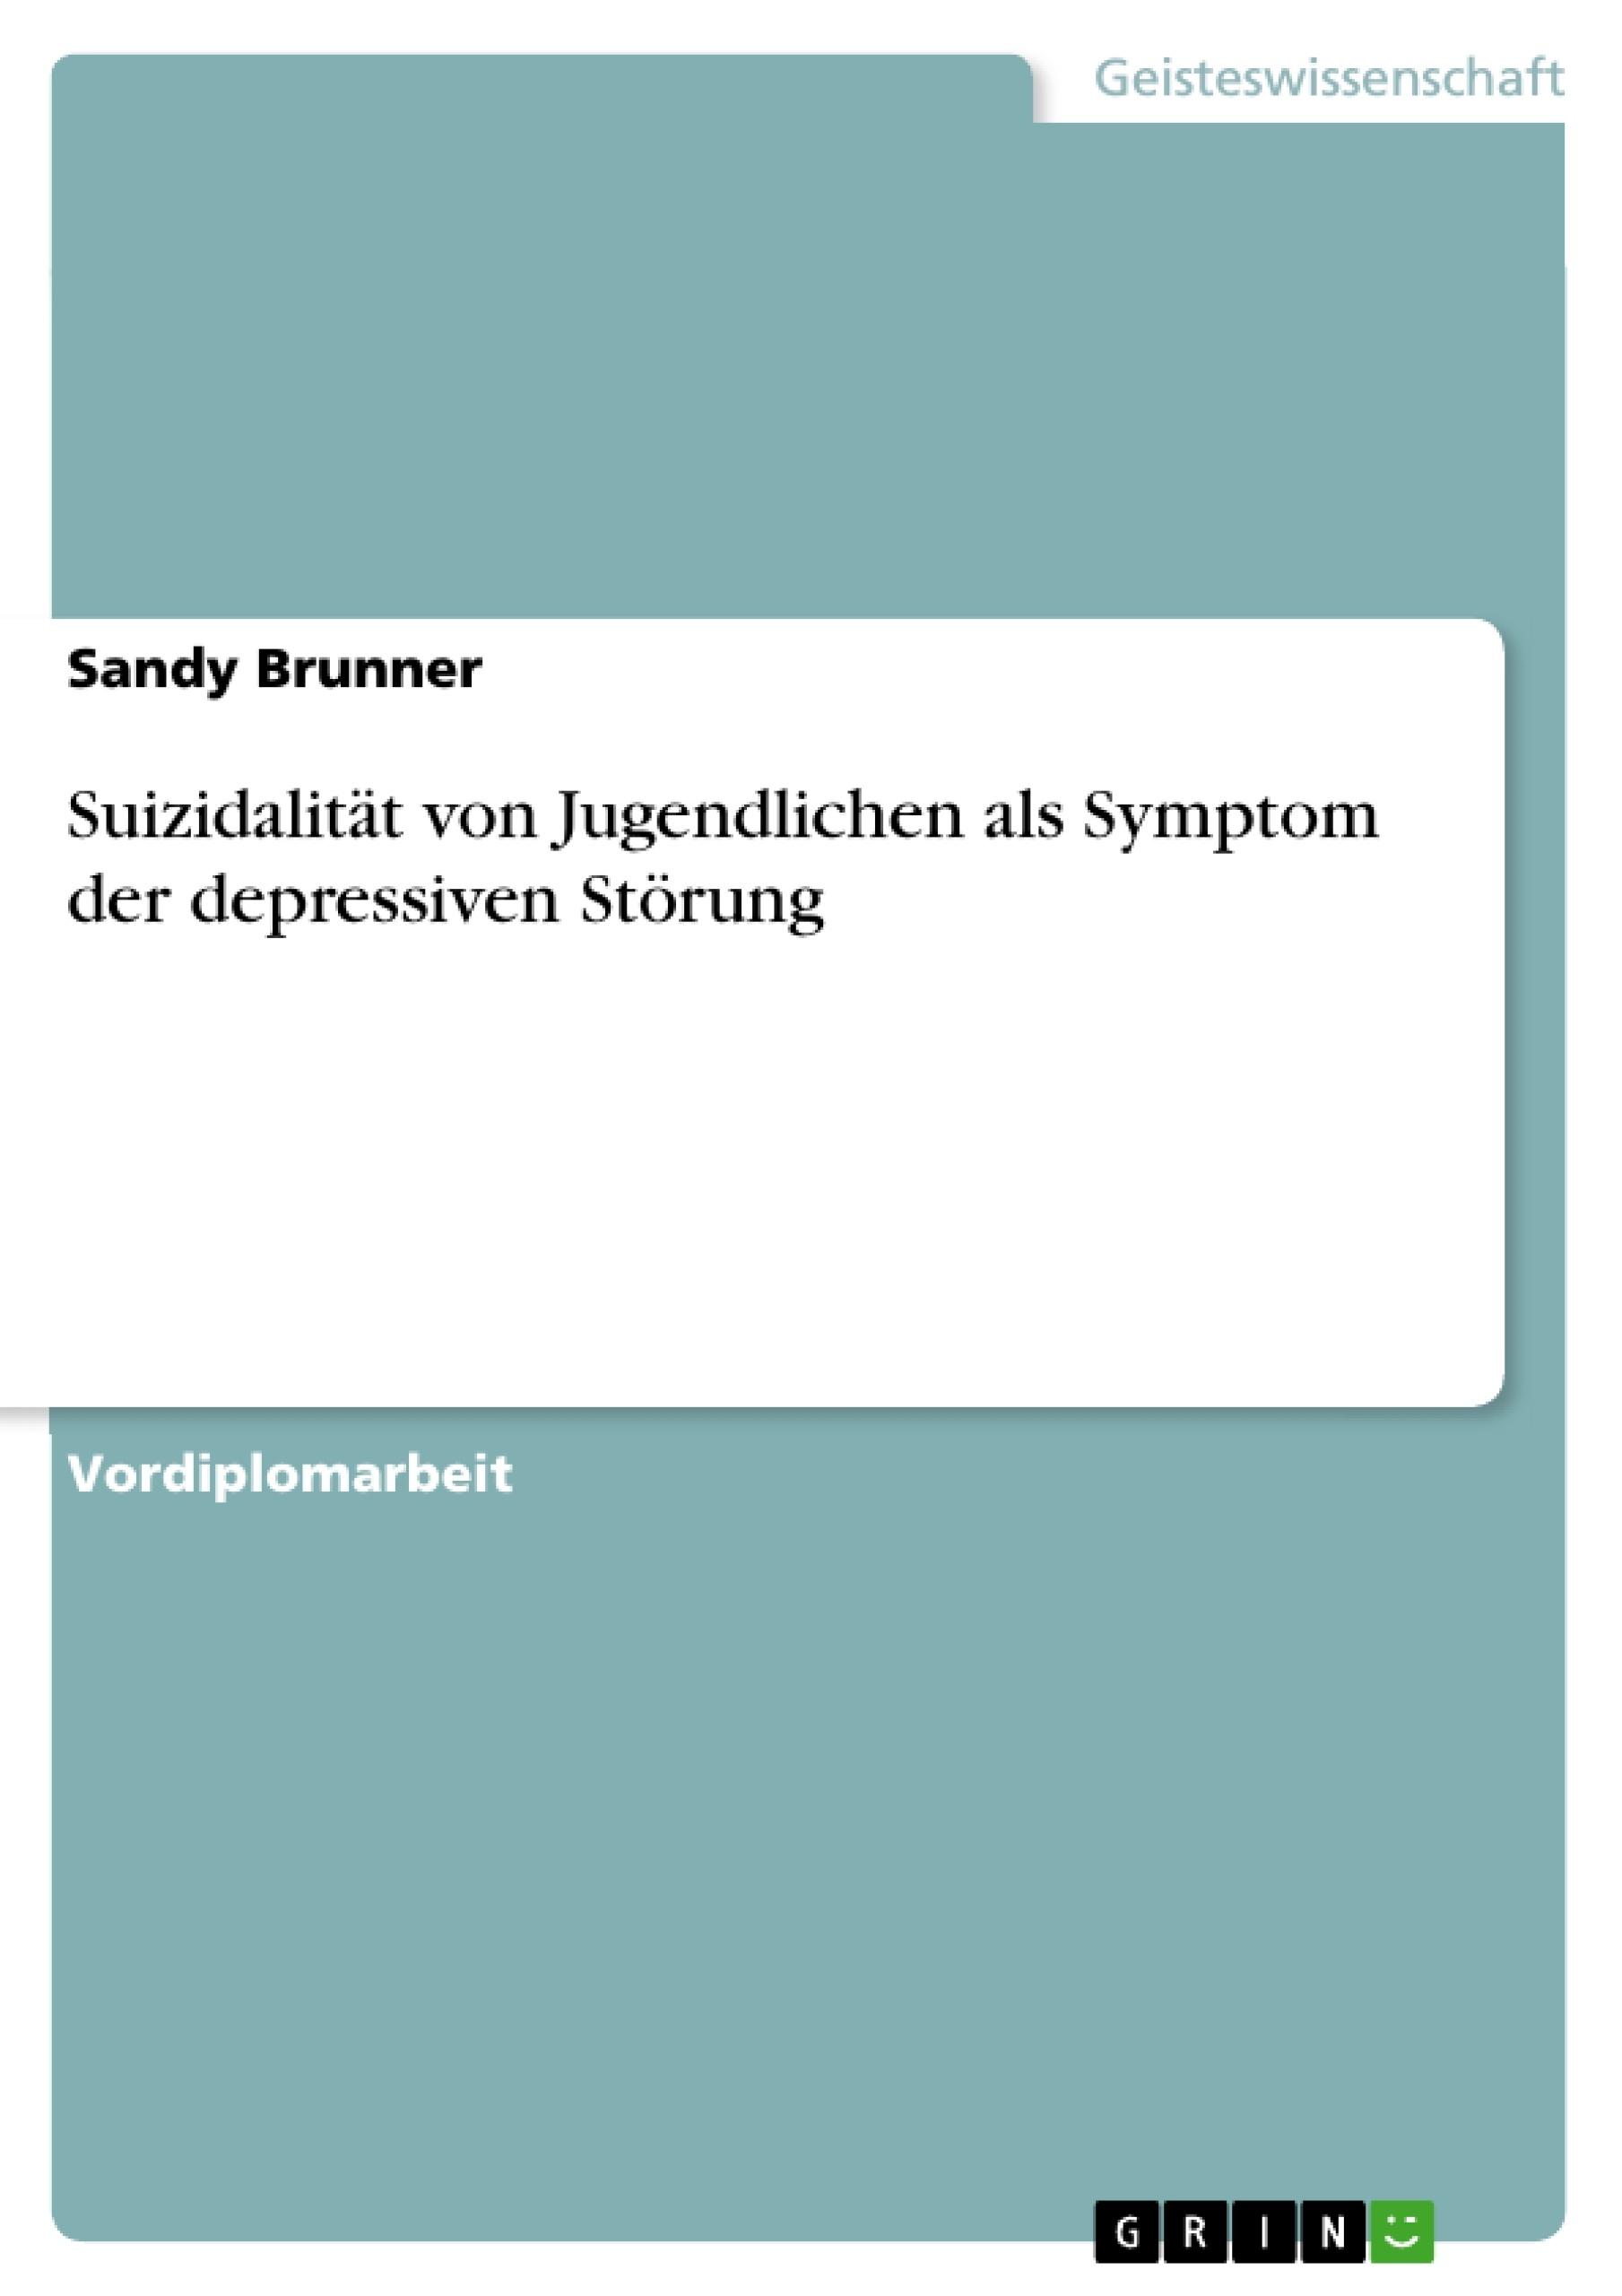 Titel: Suizidalität von Jugendlichen als Symptom der depressiven Störung